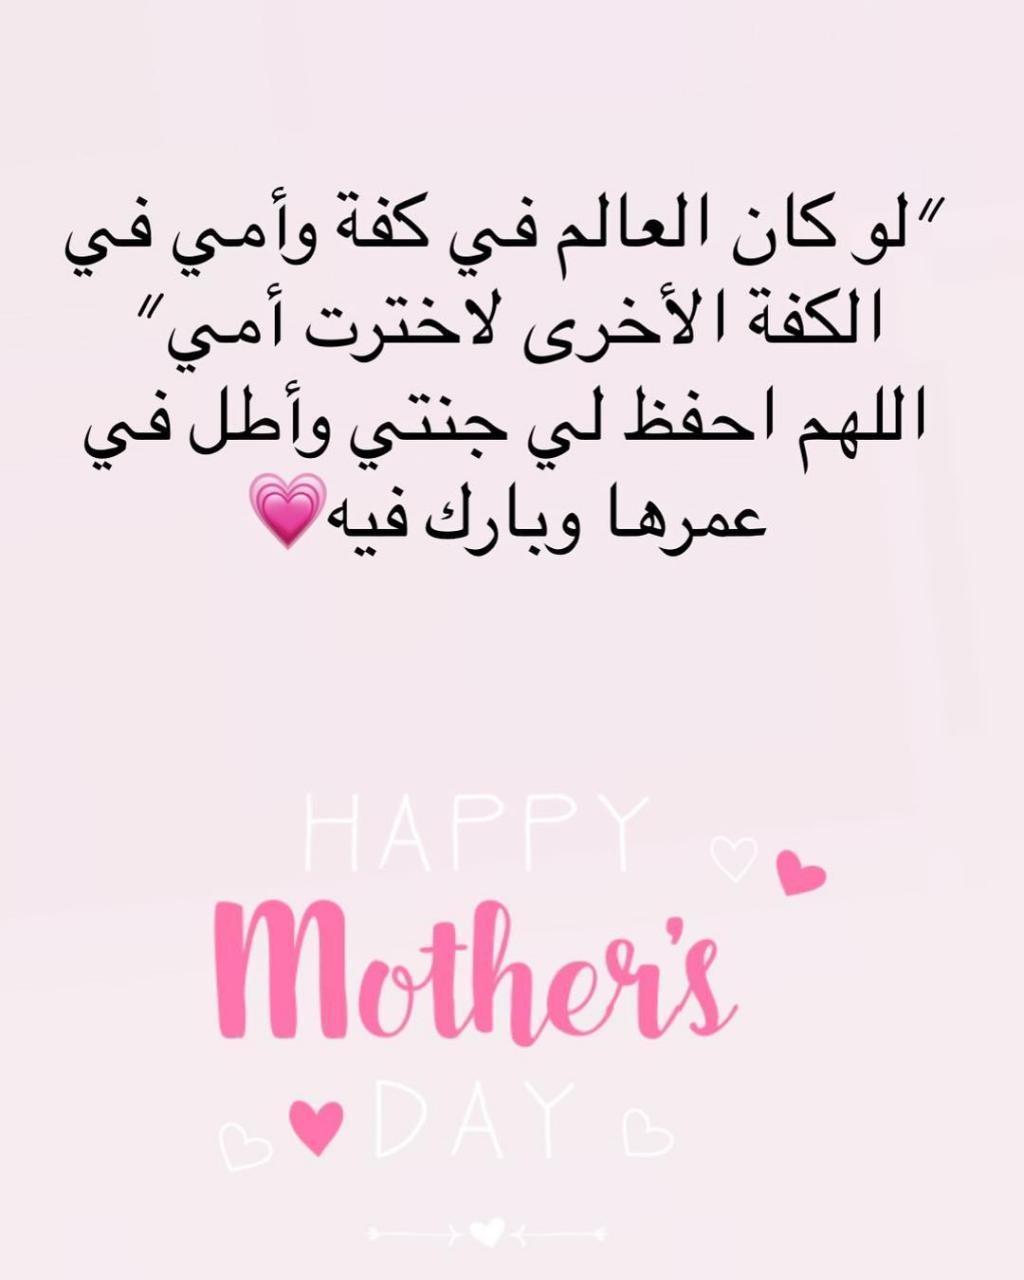 كلمات مكتوبة عن الأم حالات عن الام مكتوبة